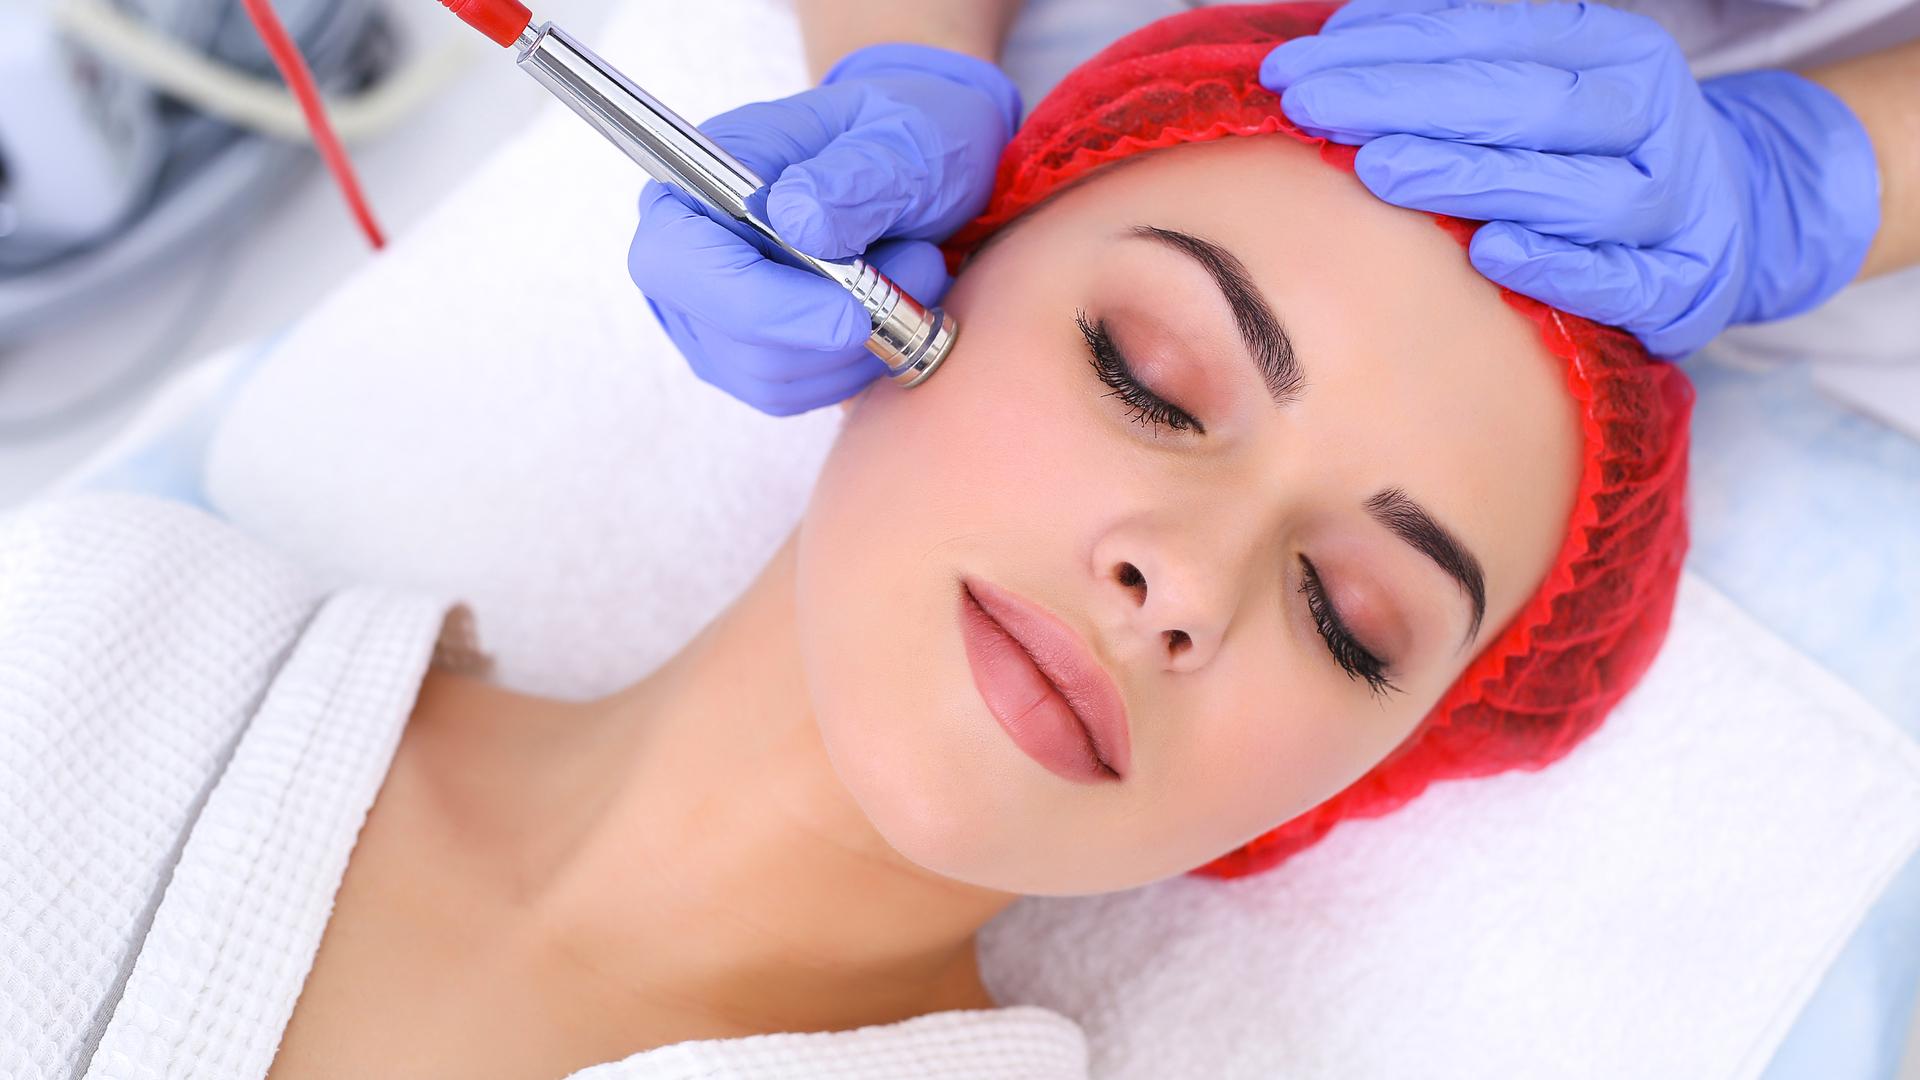 Достоинства процедуры алмазной дермабразии лица и тела